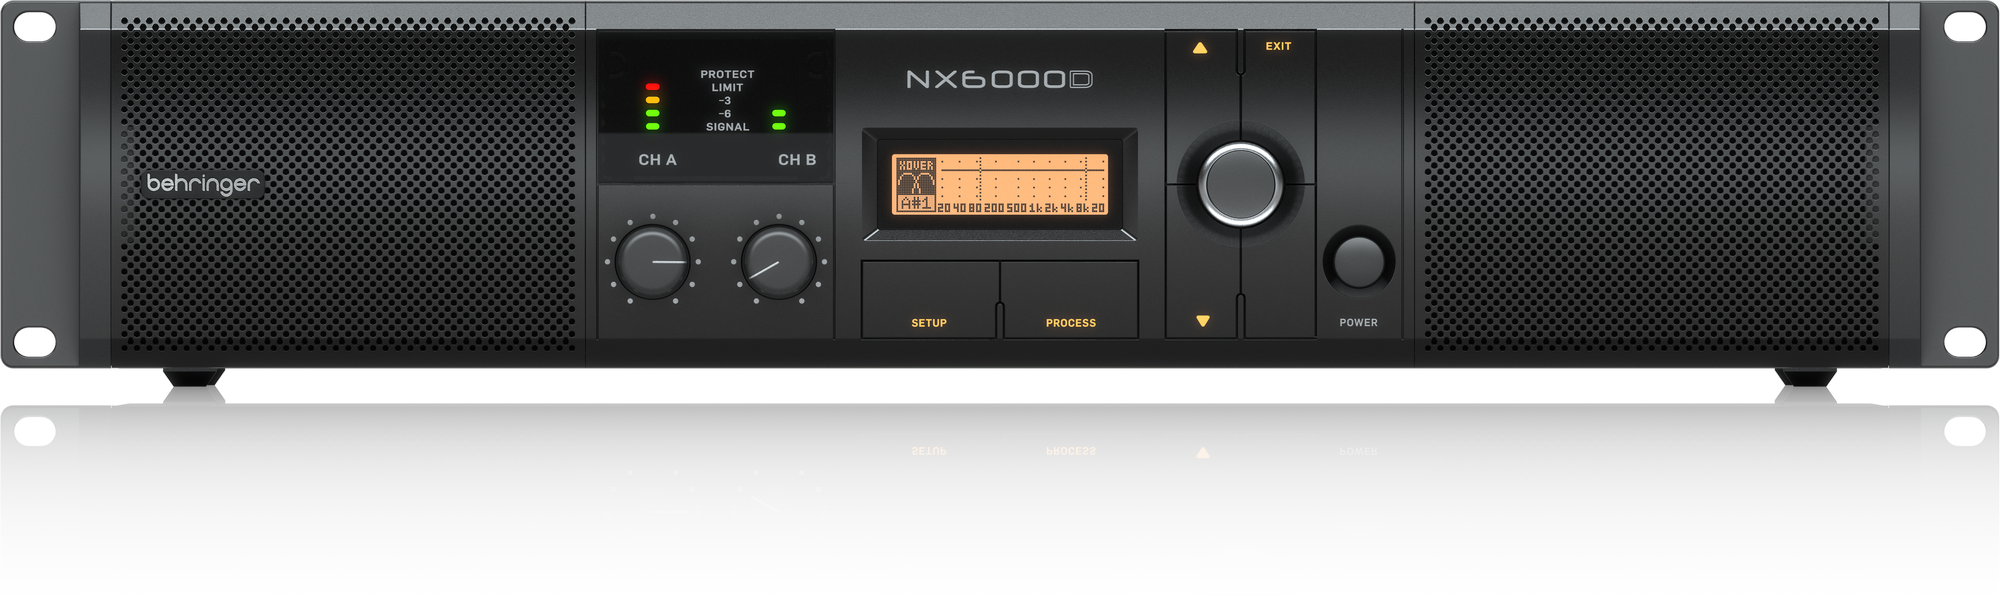 Behringer NX6000D - Amplificateur de Puissance